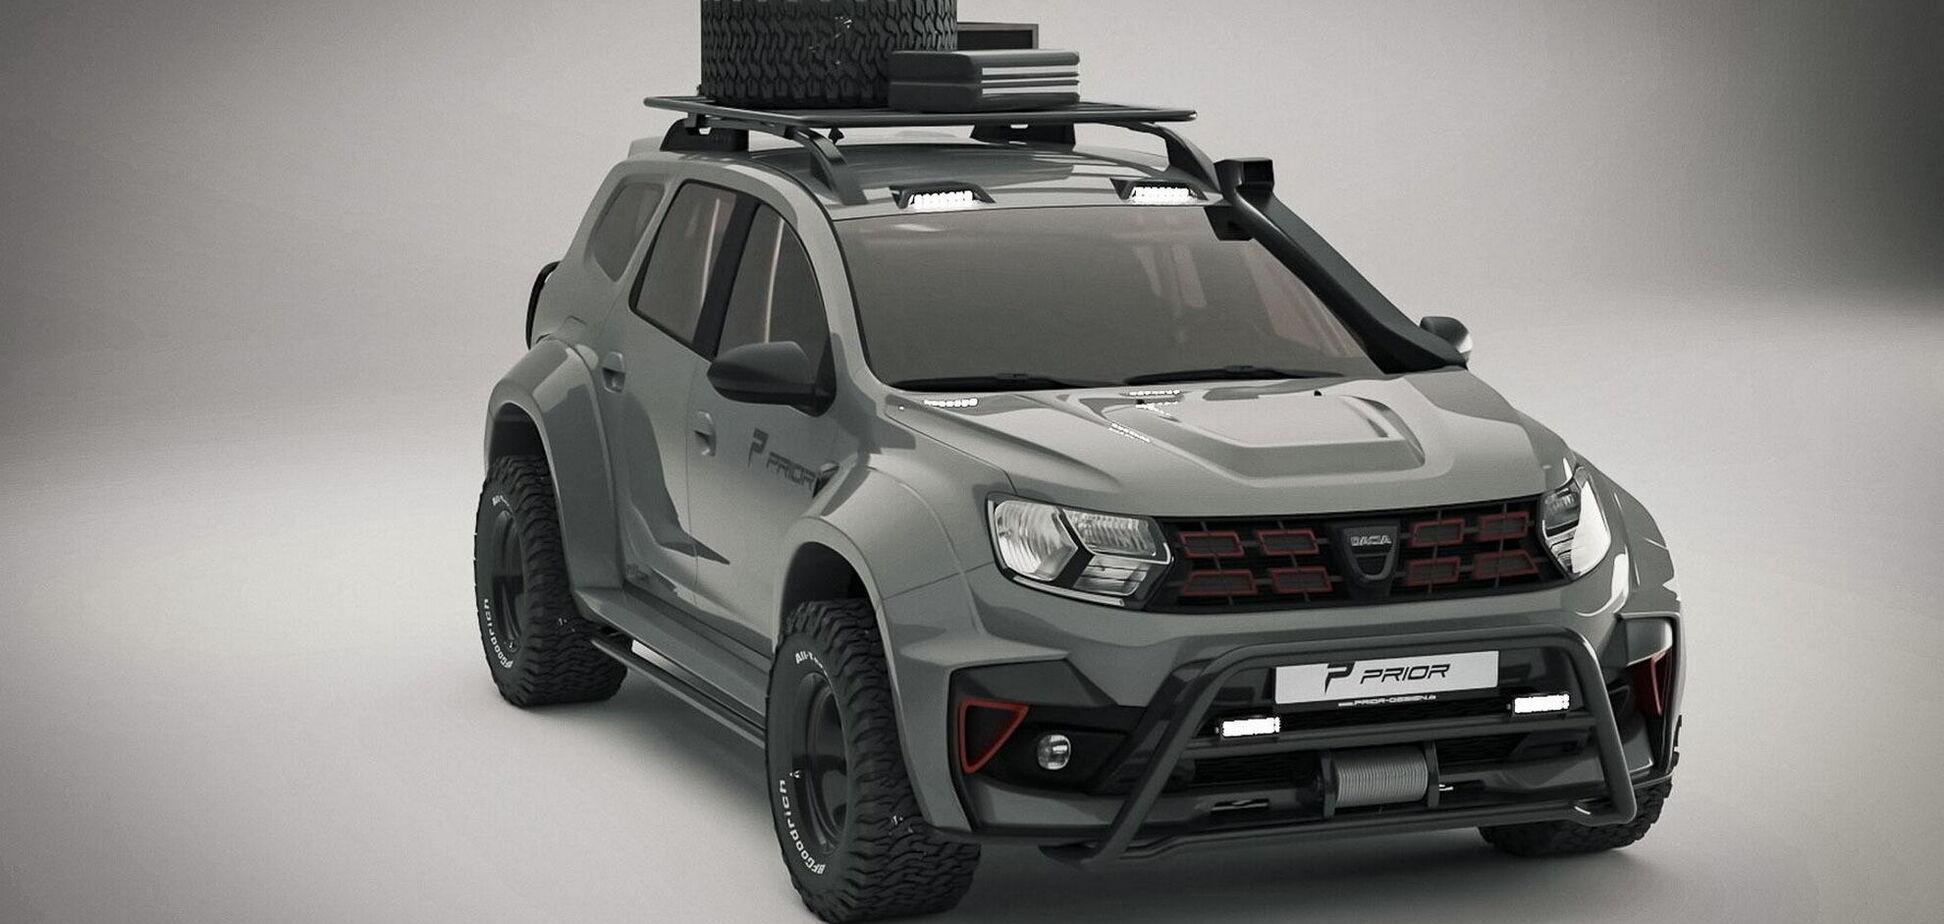 Немецкие тюнеры превратили Dacia Duster в экстремальный вездеход